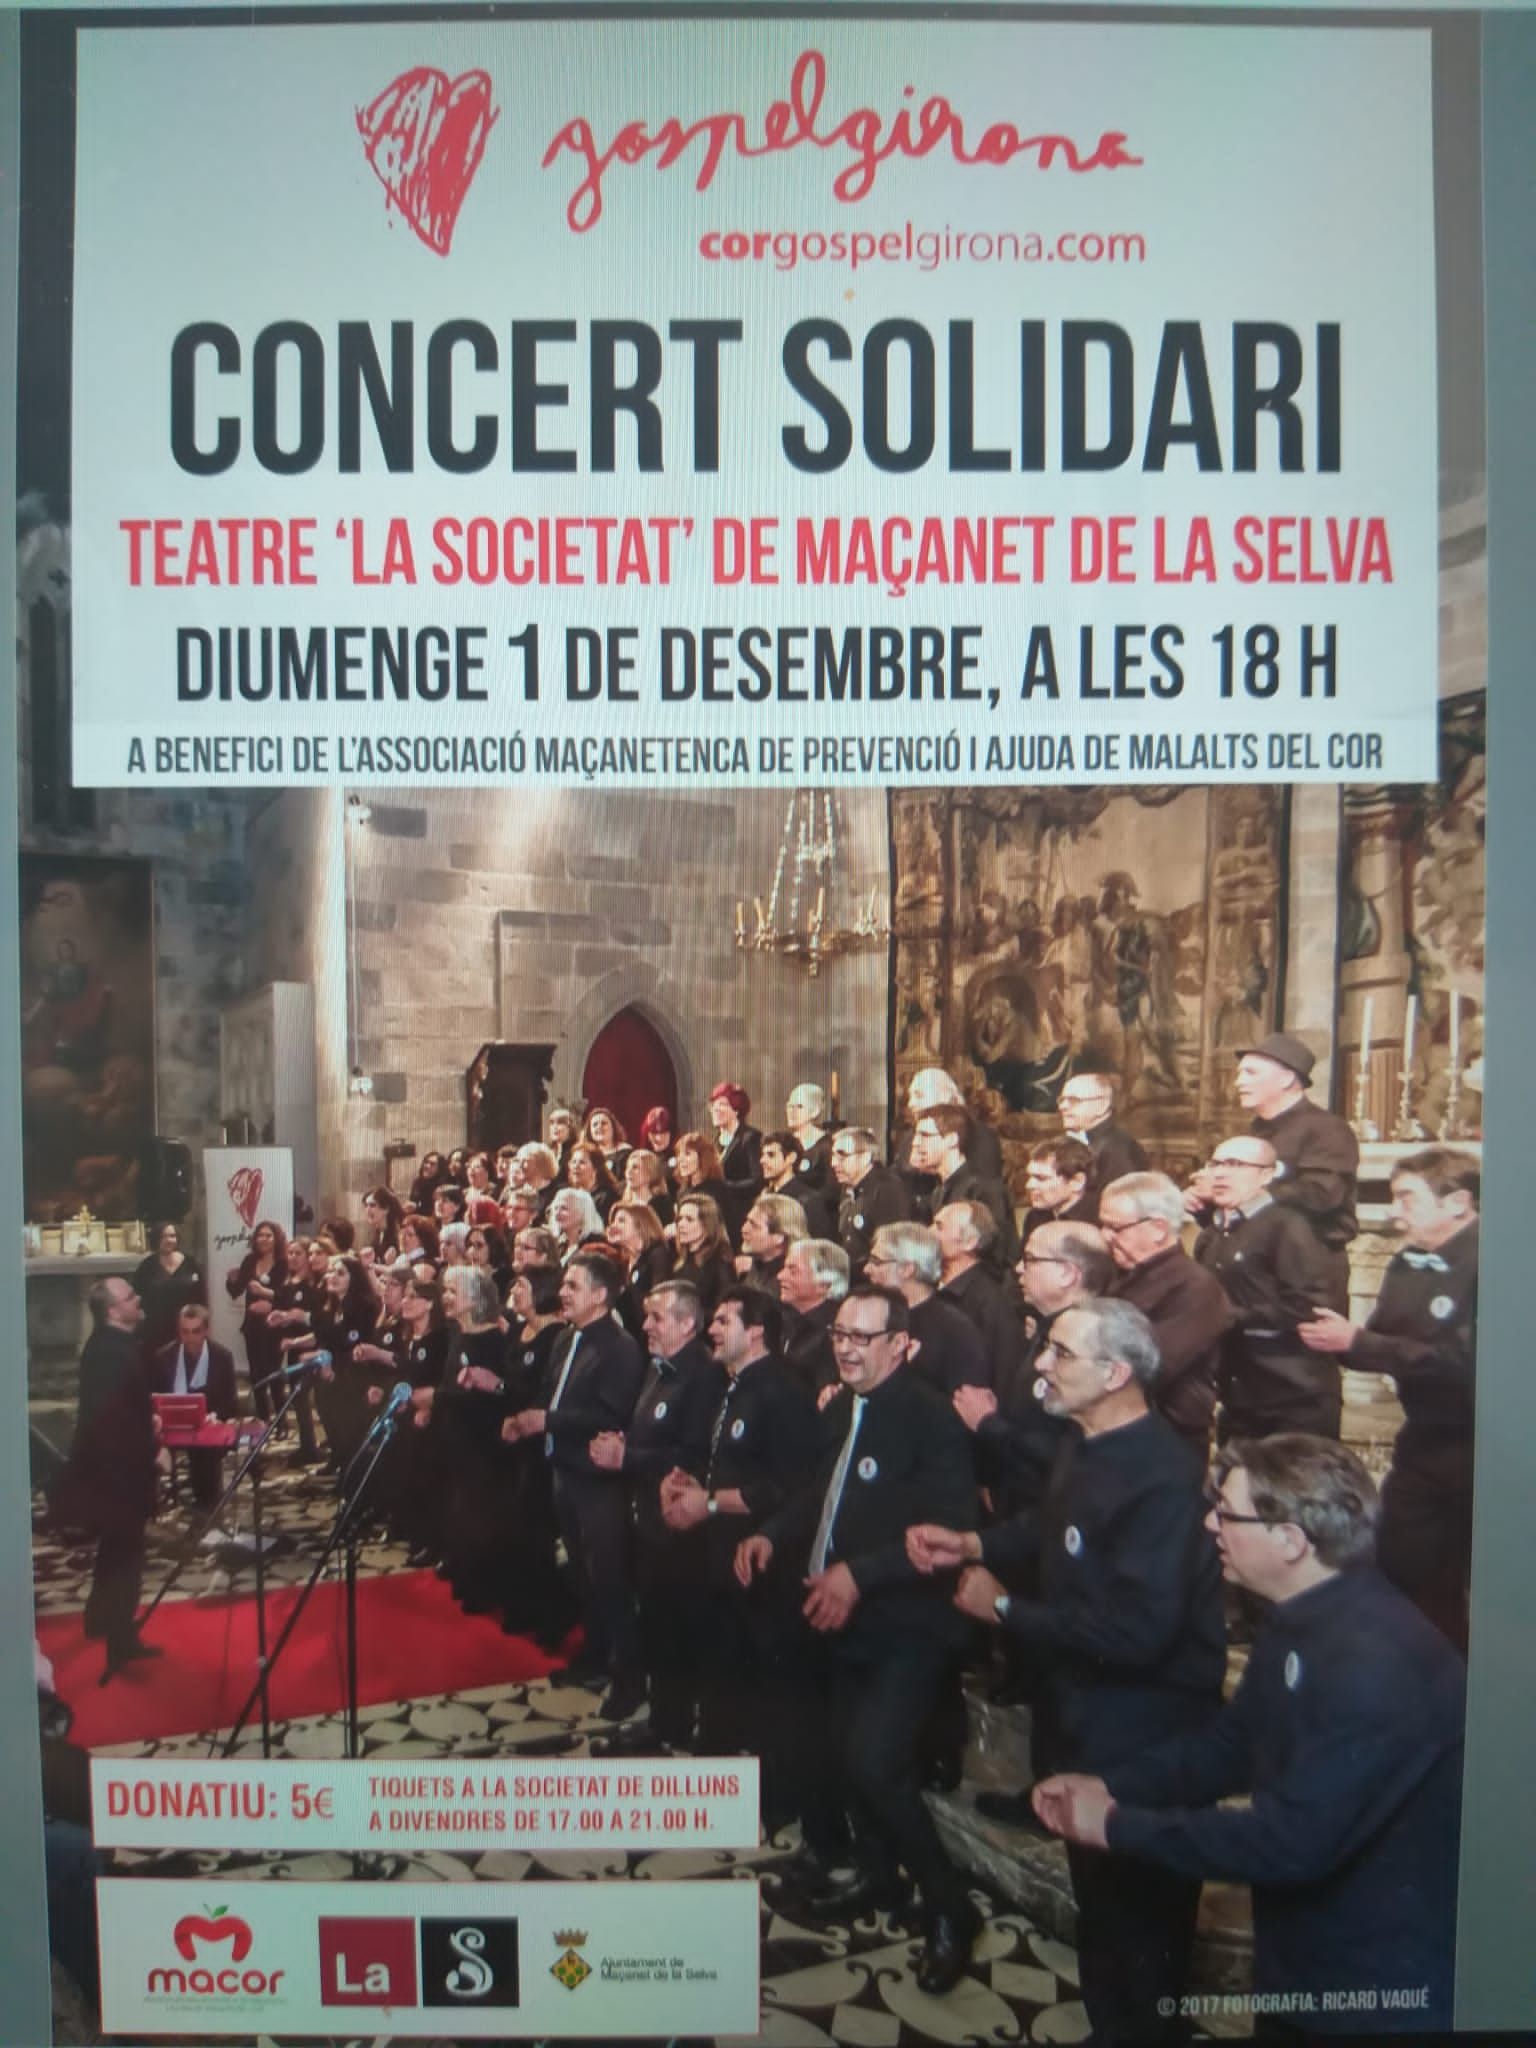 Concert Solidari A Maçanet De La Selva. 1 De Desembre De 2019